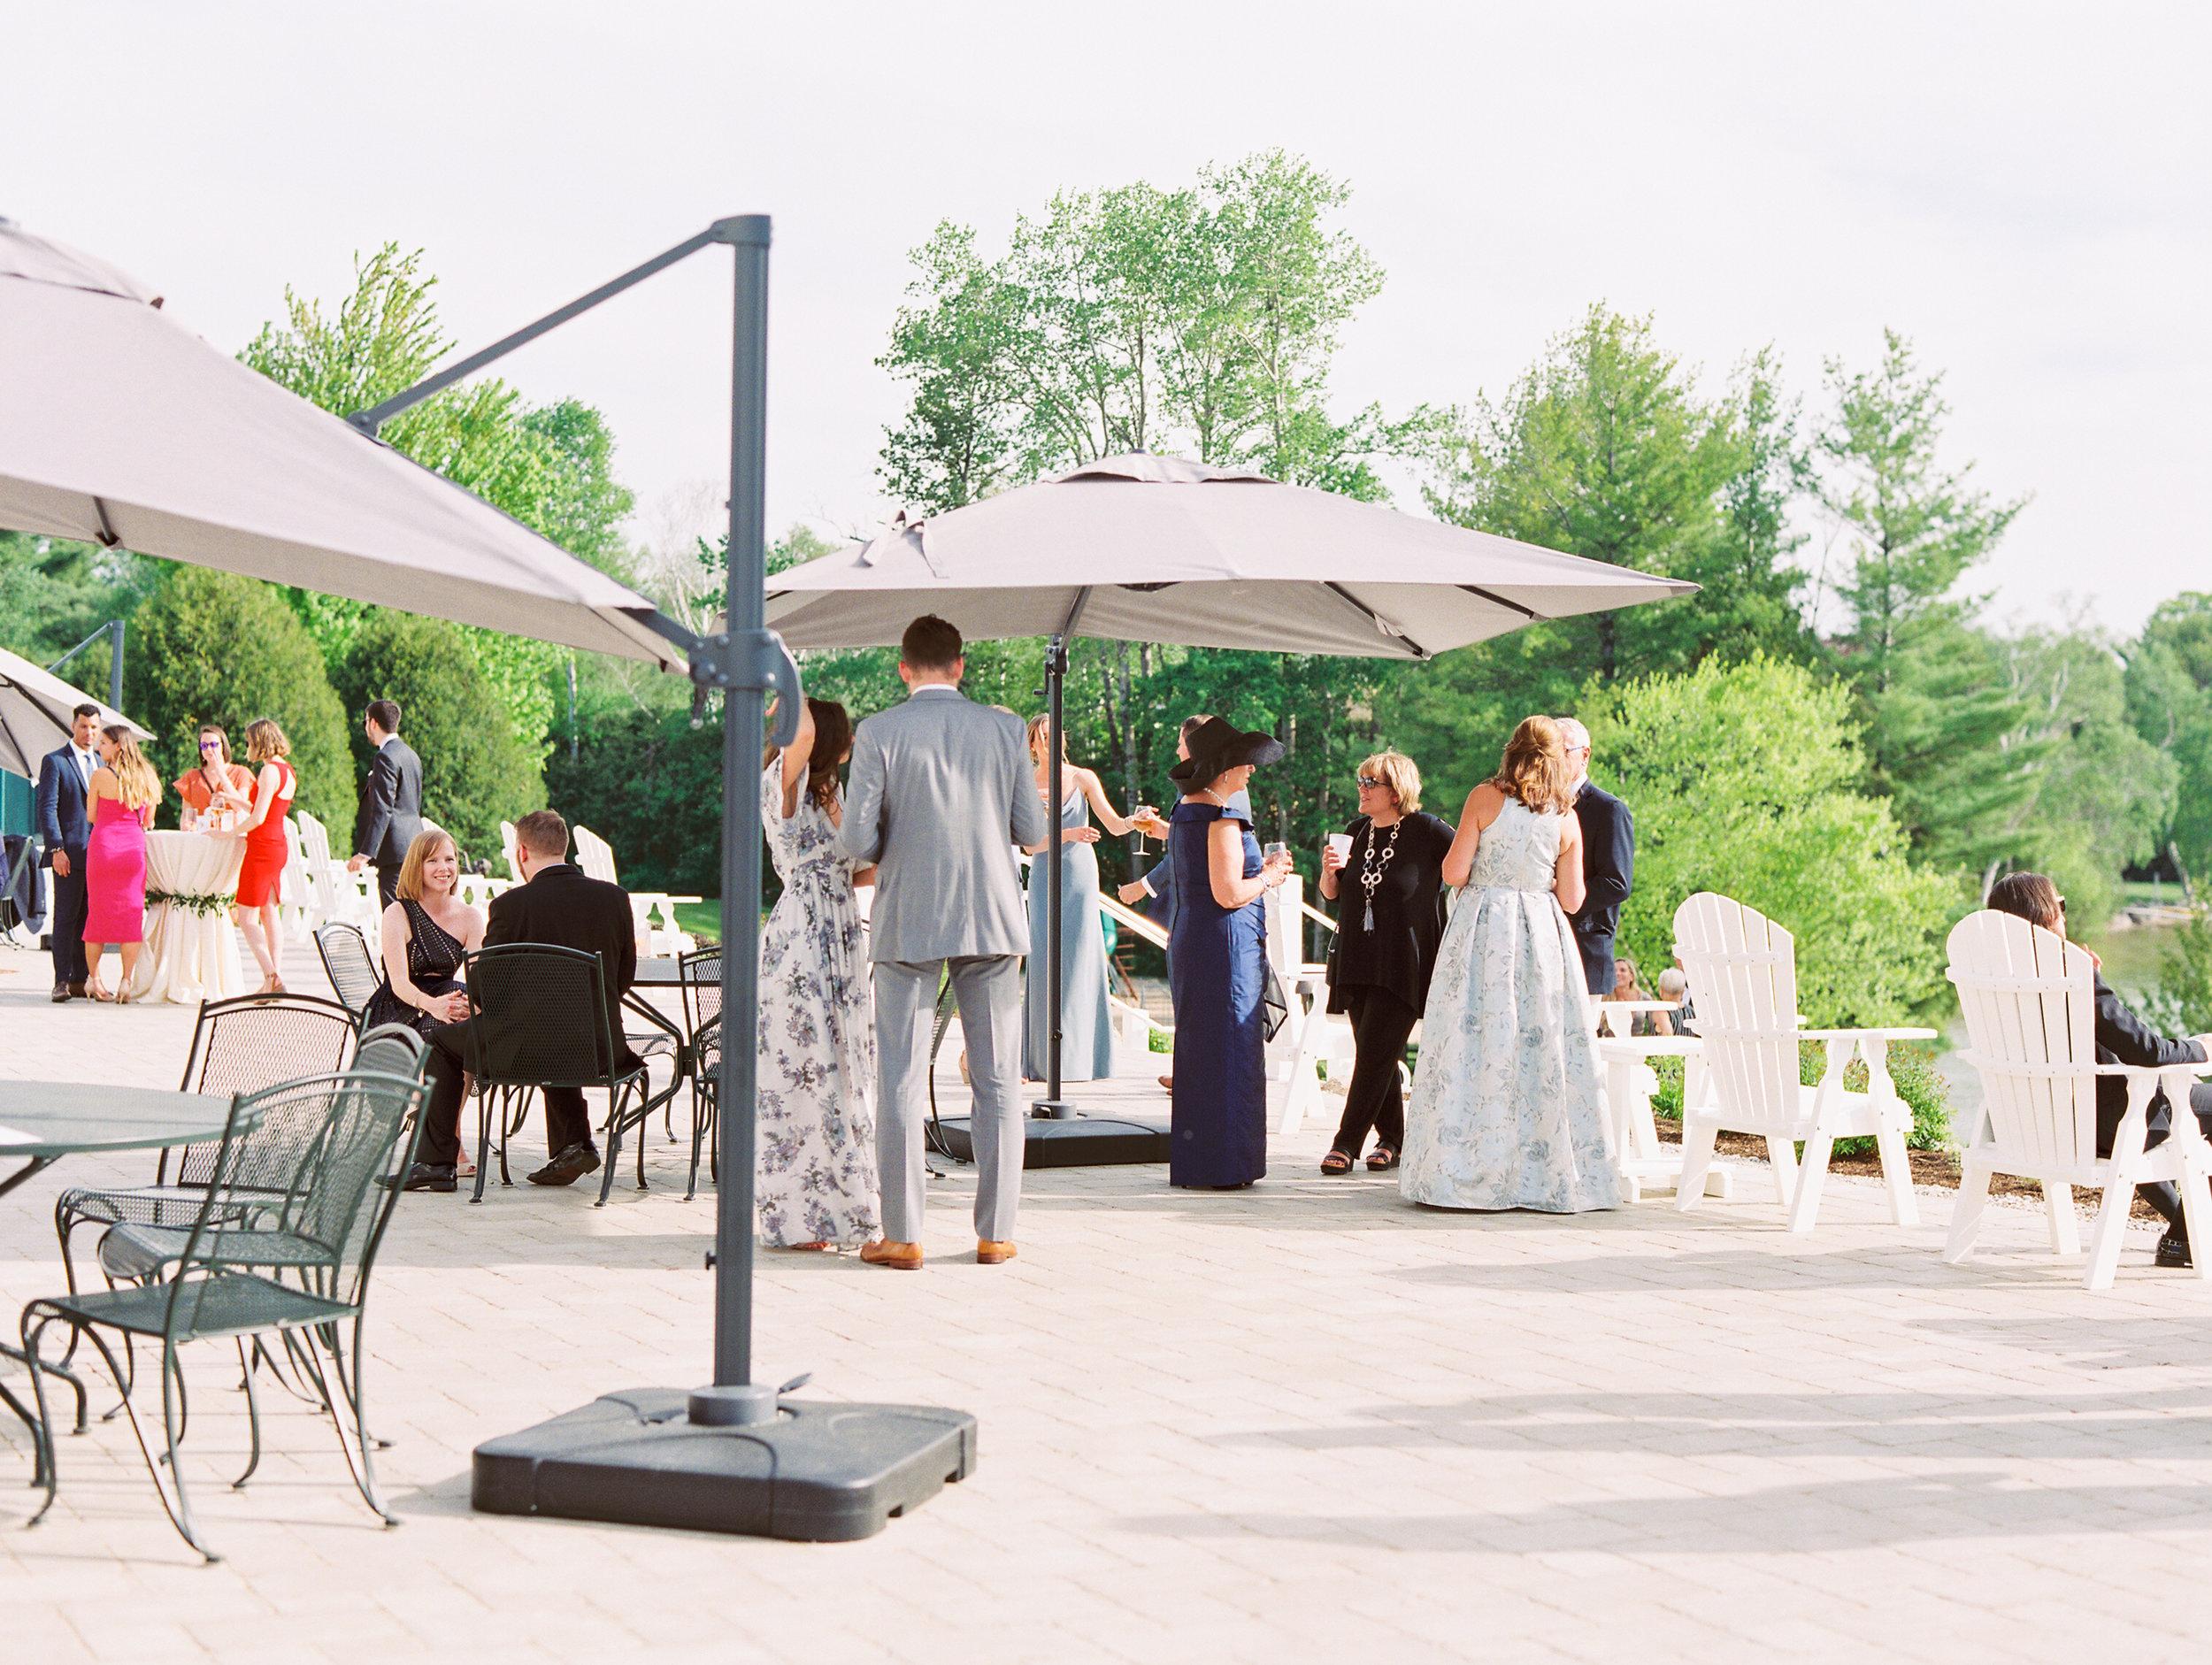 DeGuilio+Wedding+Reception+CocktailHourf-1.jpg